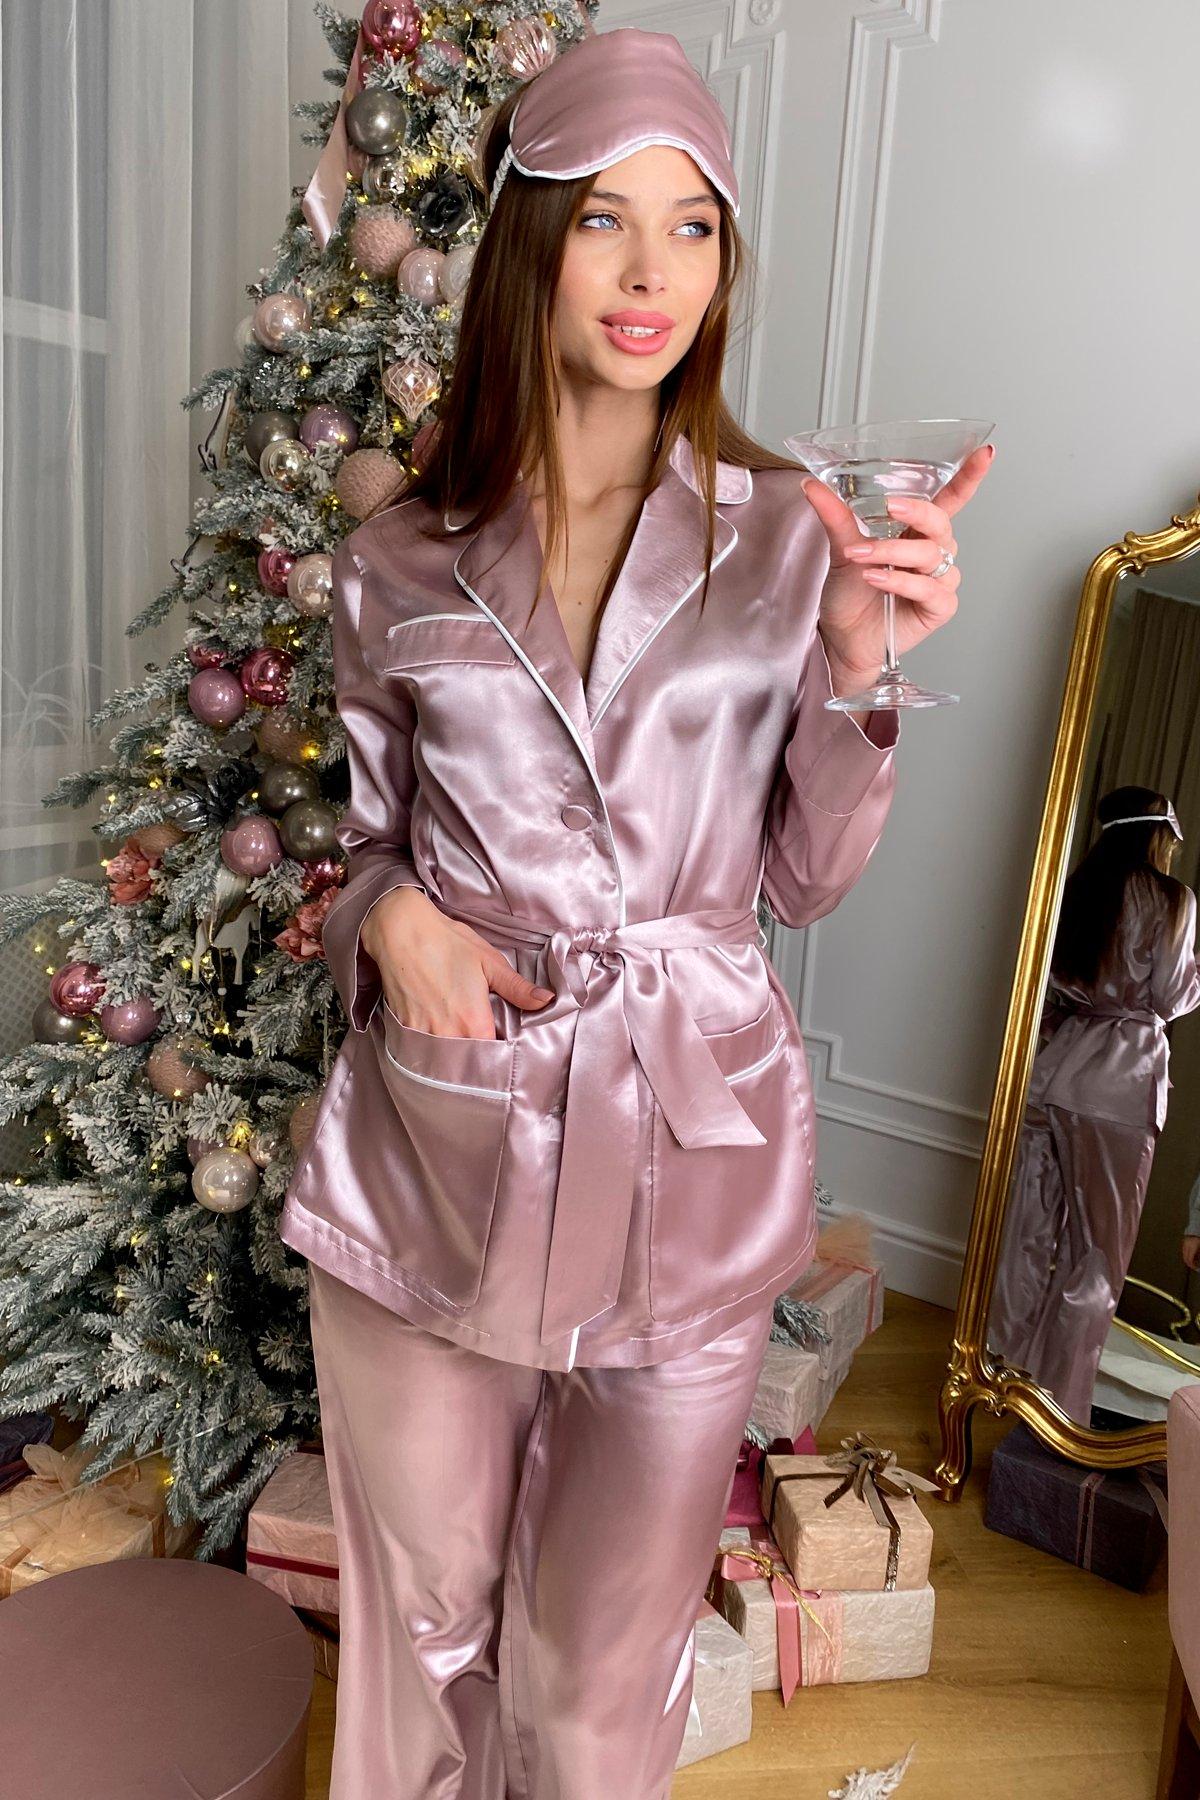 Купить женскую одежду оптом Шайн пижама из шелка 10446